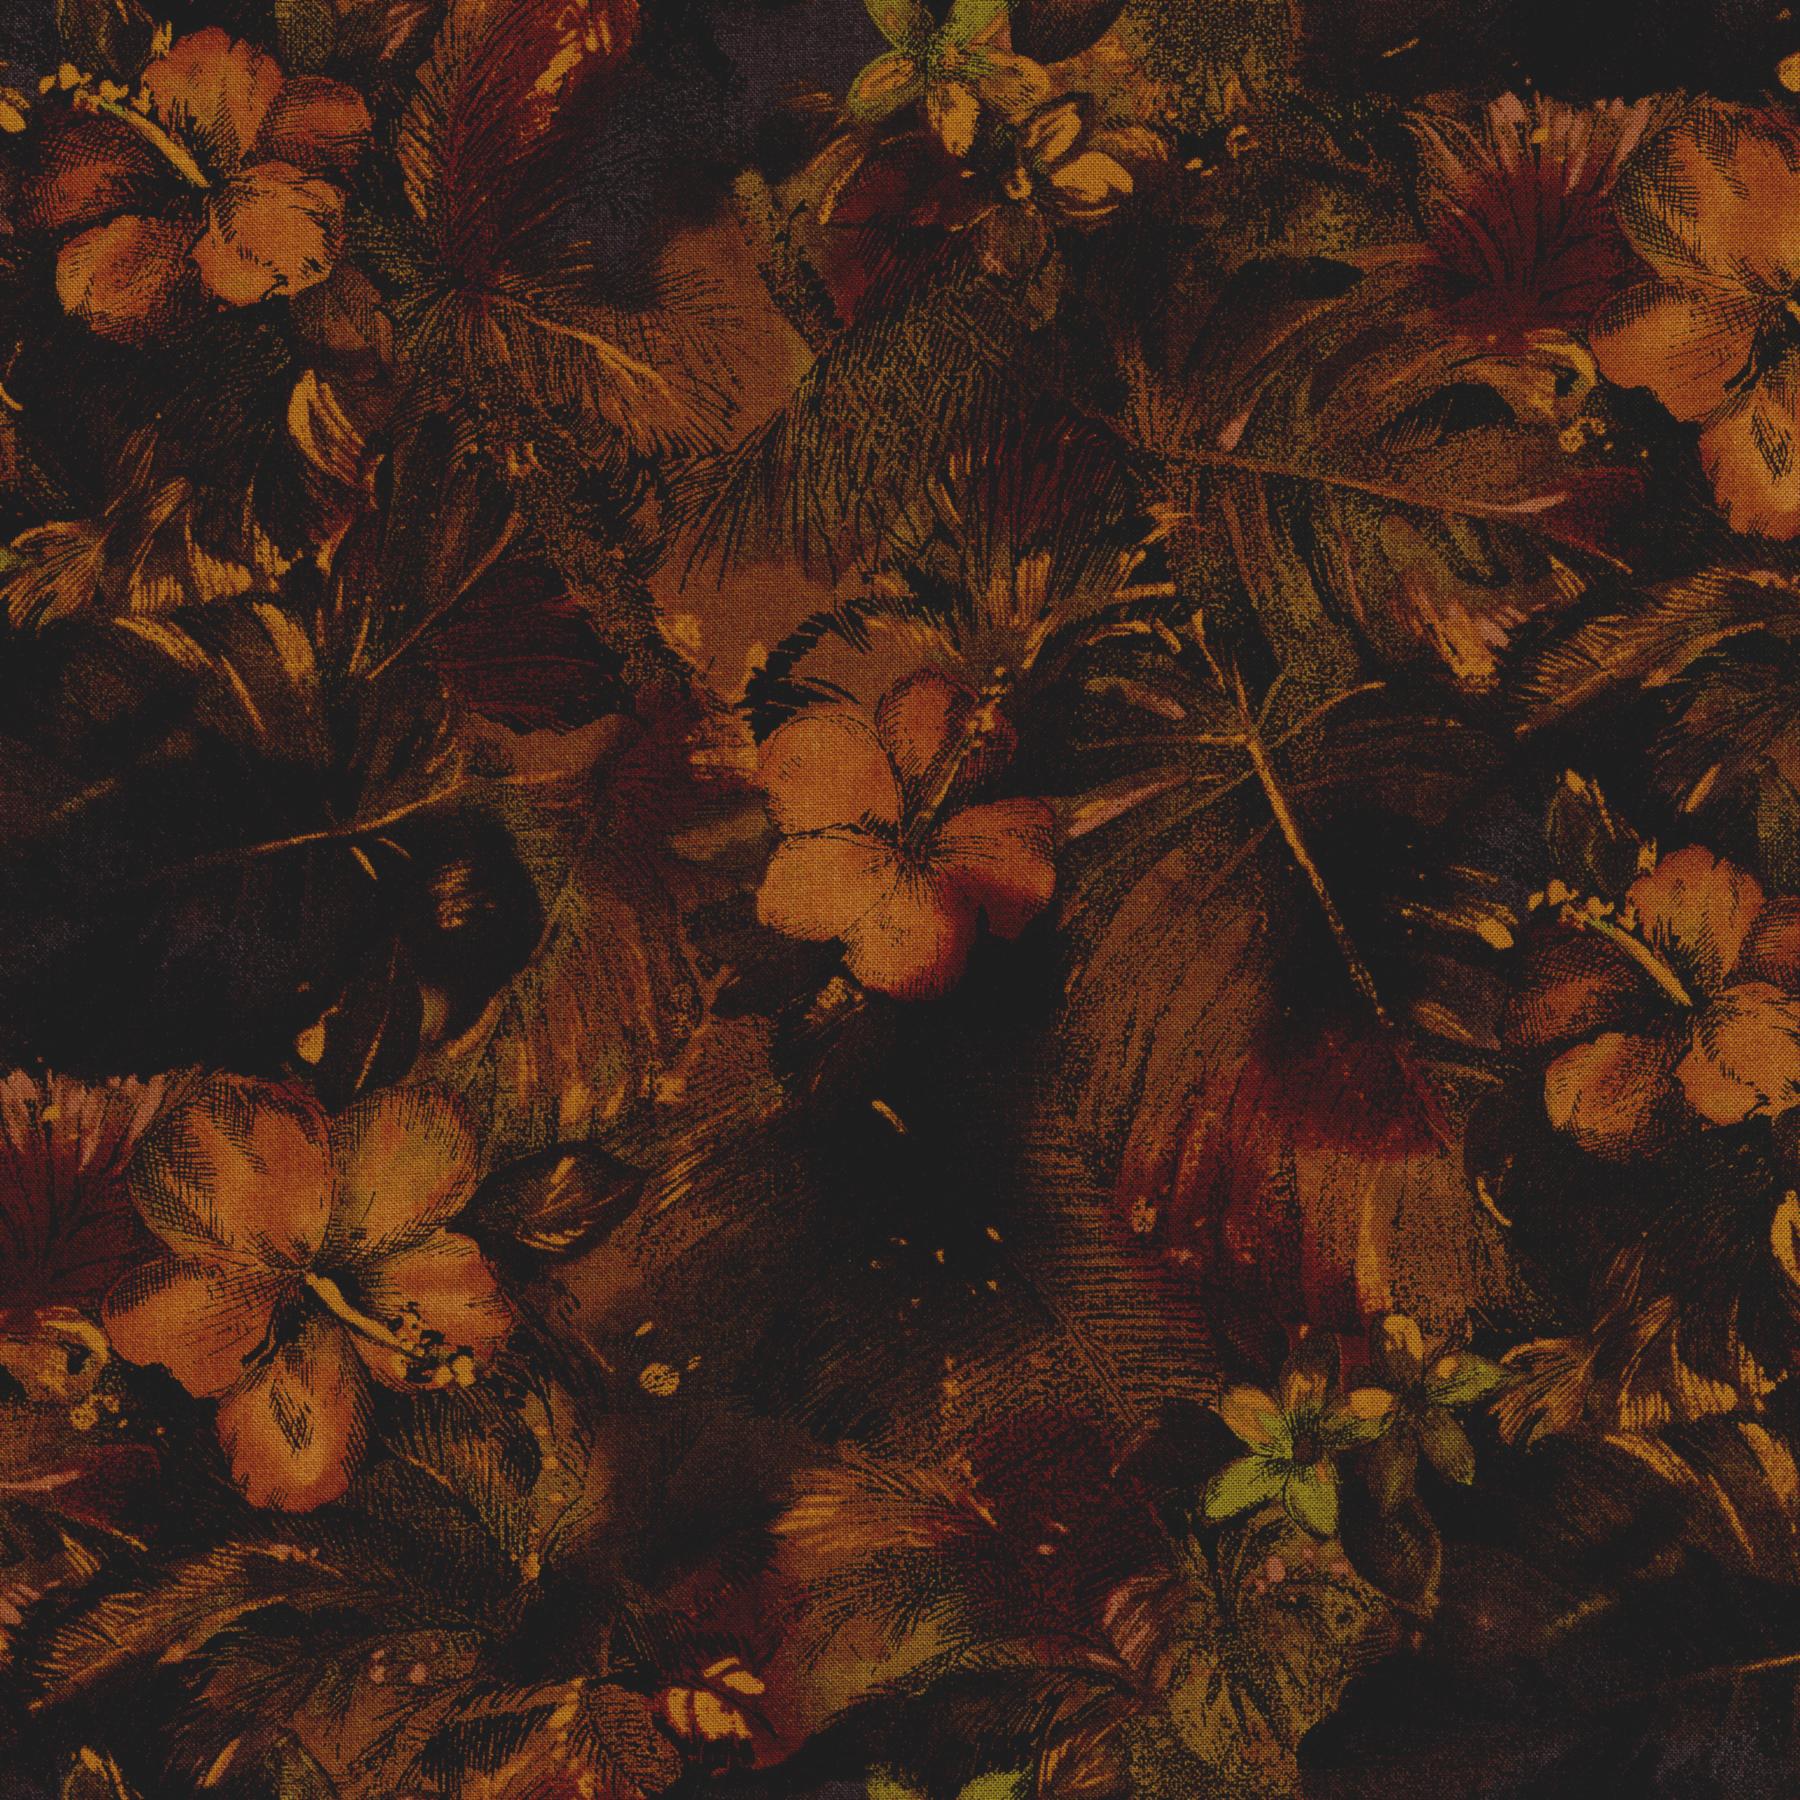 2793-003 FLORAL BROWN